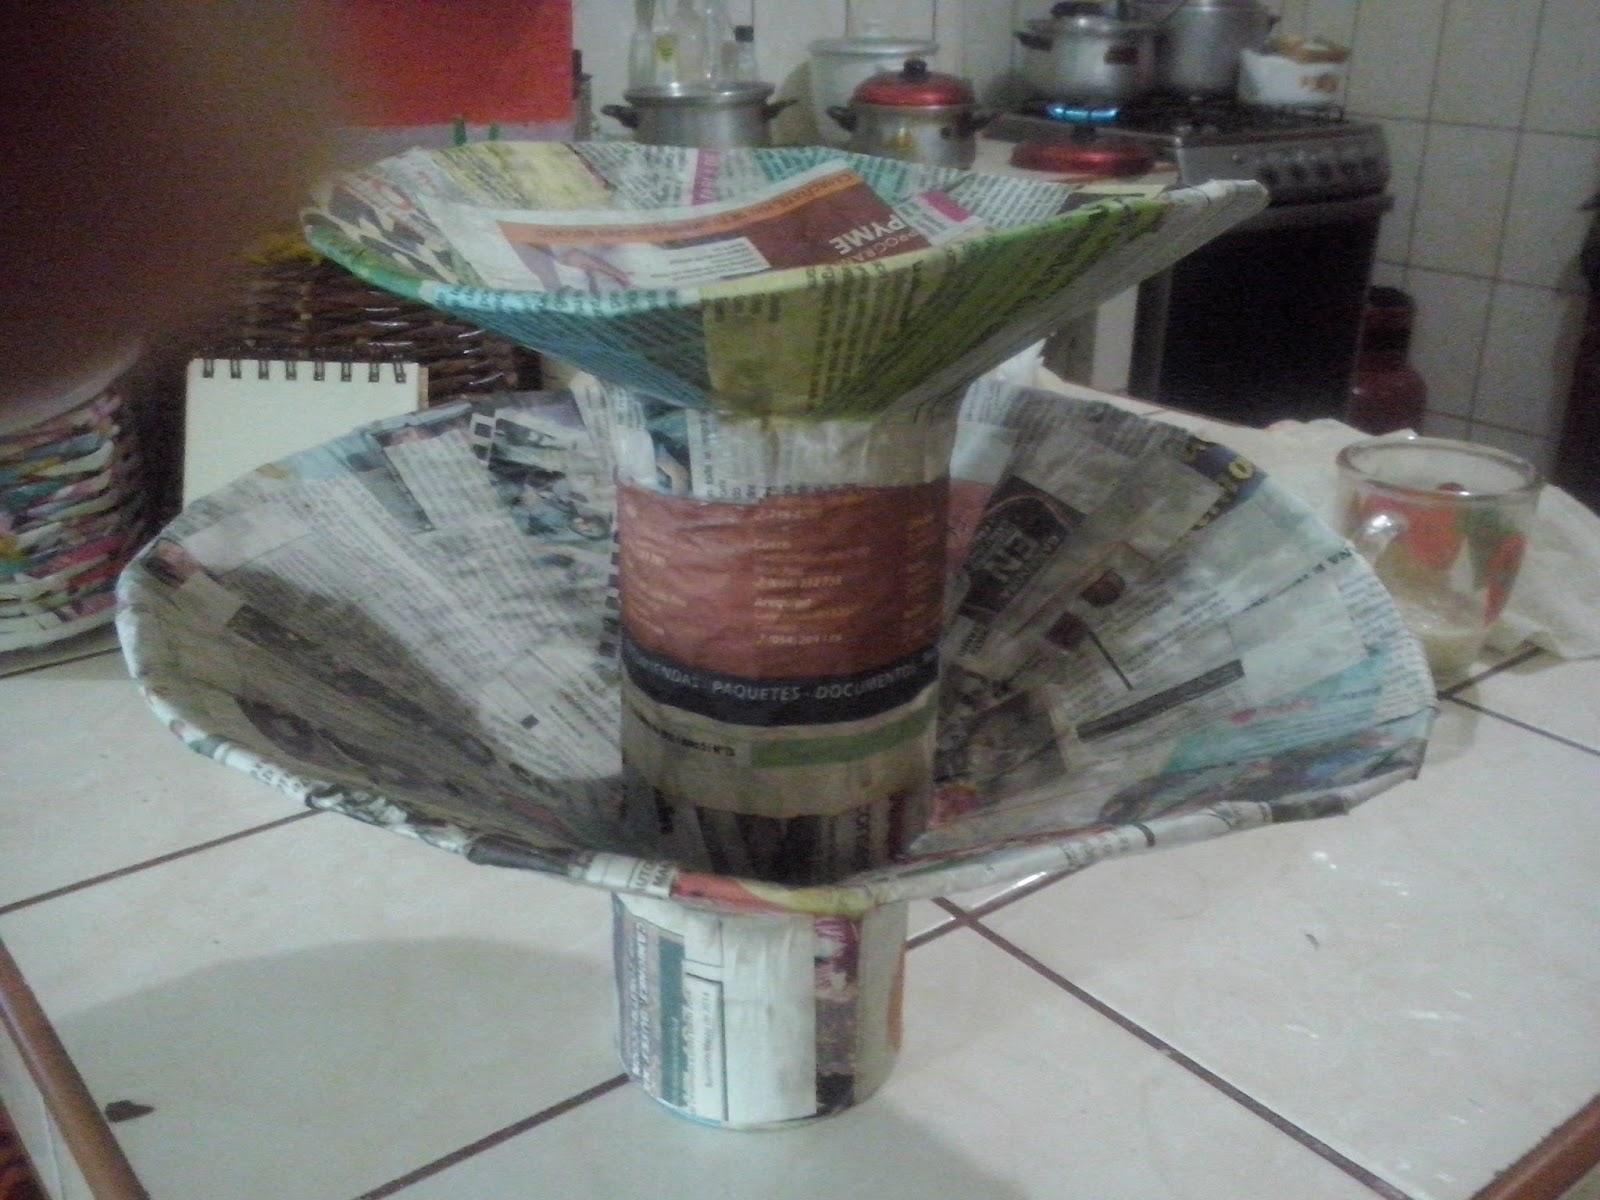 Manualidades Utiles Para El Hogar Frutero De Carton Reciclado